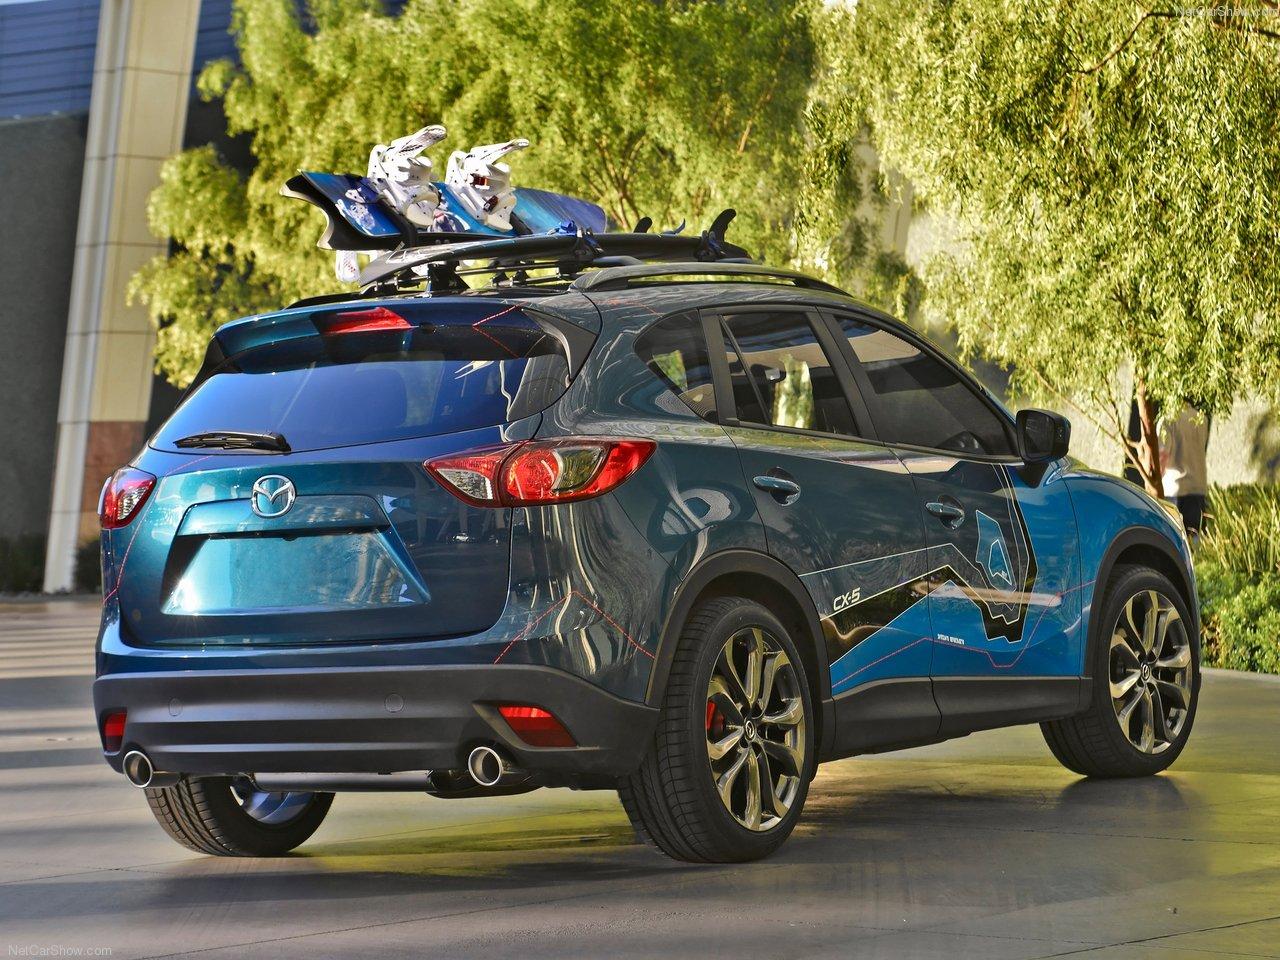 2012 Mazda CX-5 180 Concept